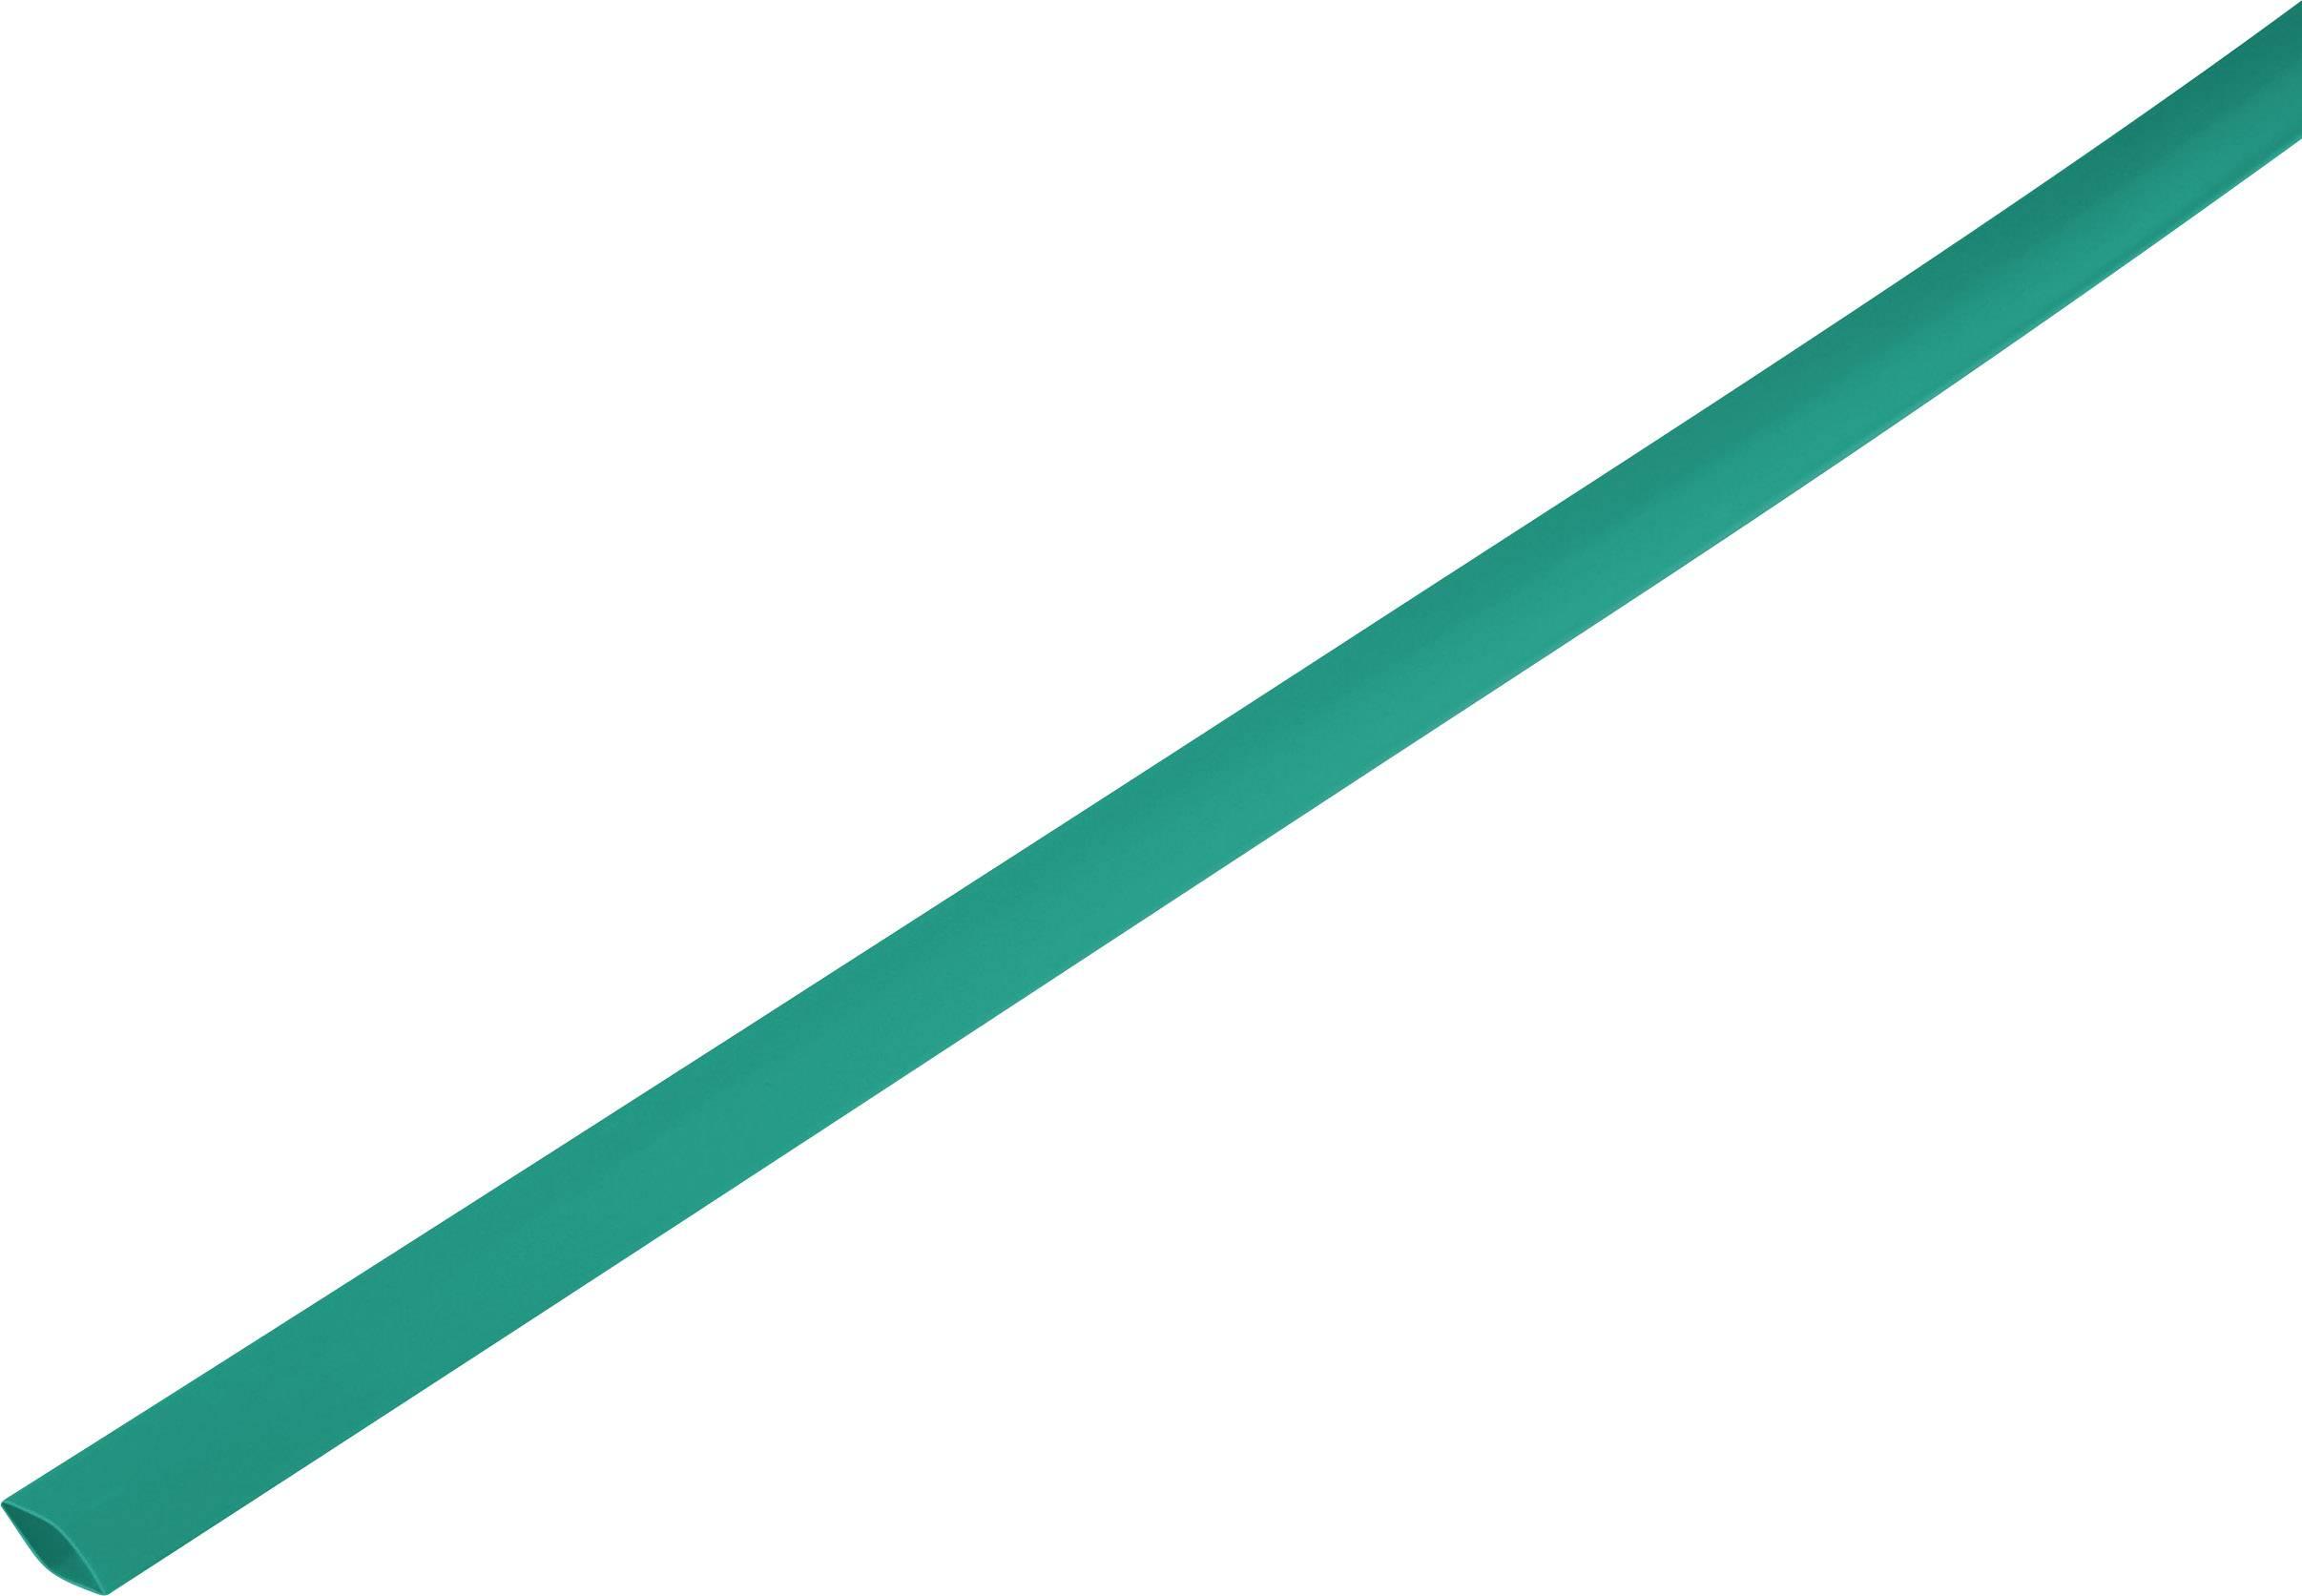 Smršťovací bužírka bez lepidla TRU COMPONENTS 1225415 4.50 mm, zelená, metrové zboží